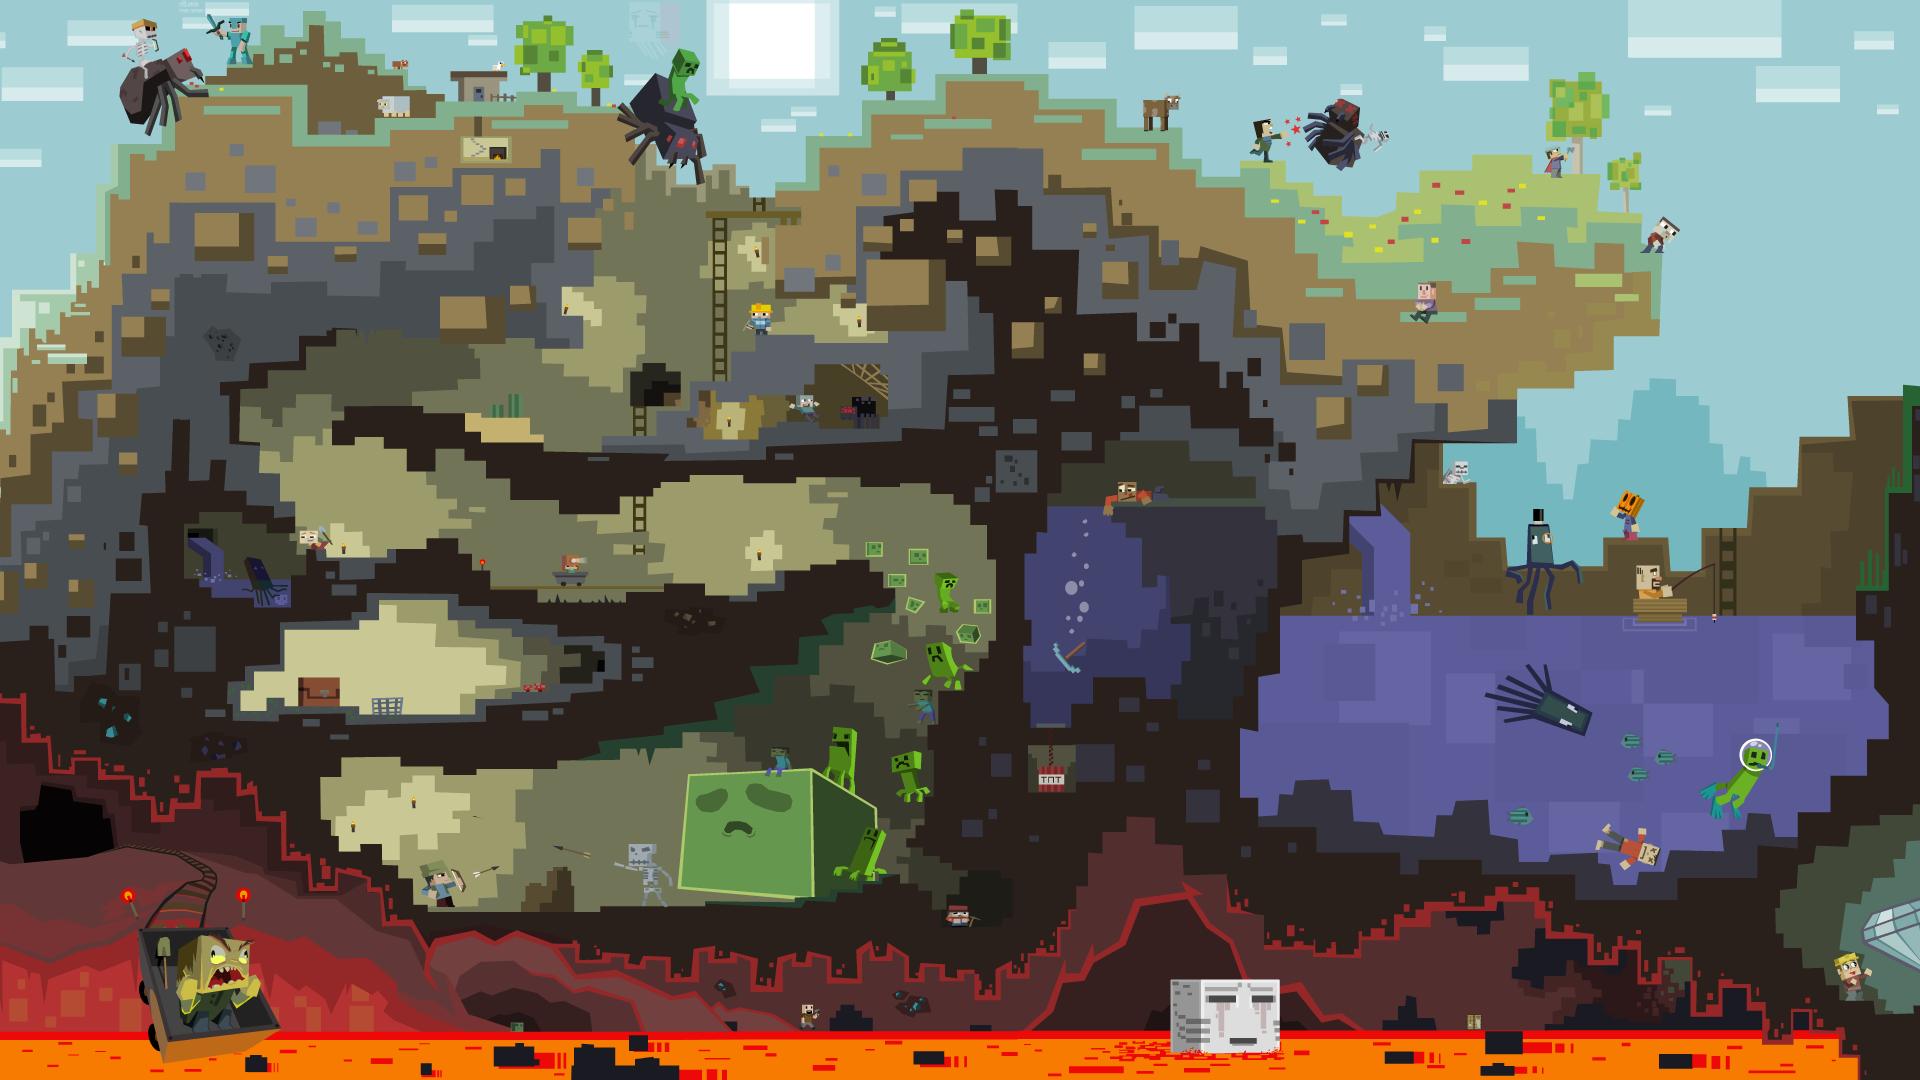 K-Ultra-HD-Minecraft-HD-Desktop-Backgrounds-x-wallpaper-wpc5806525